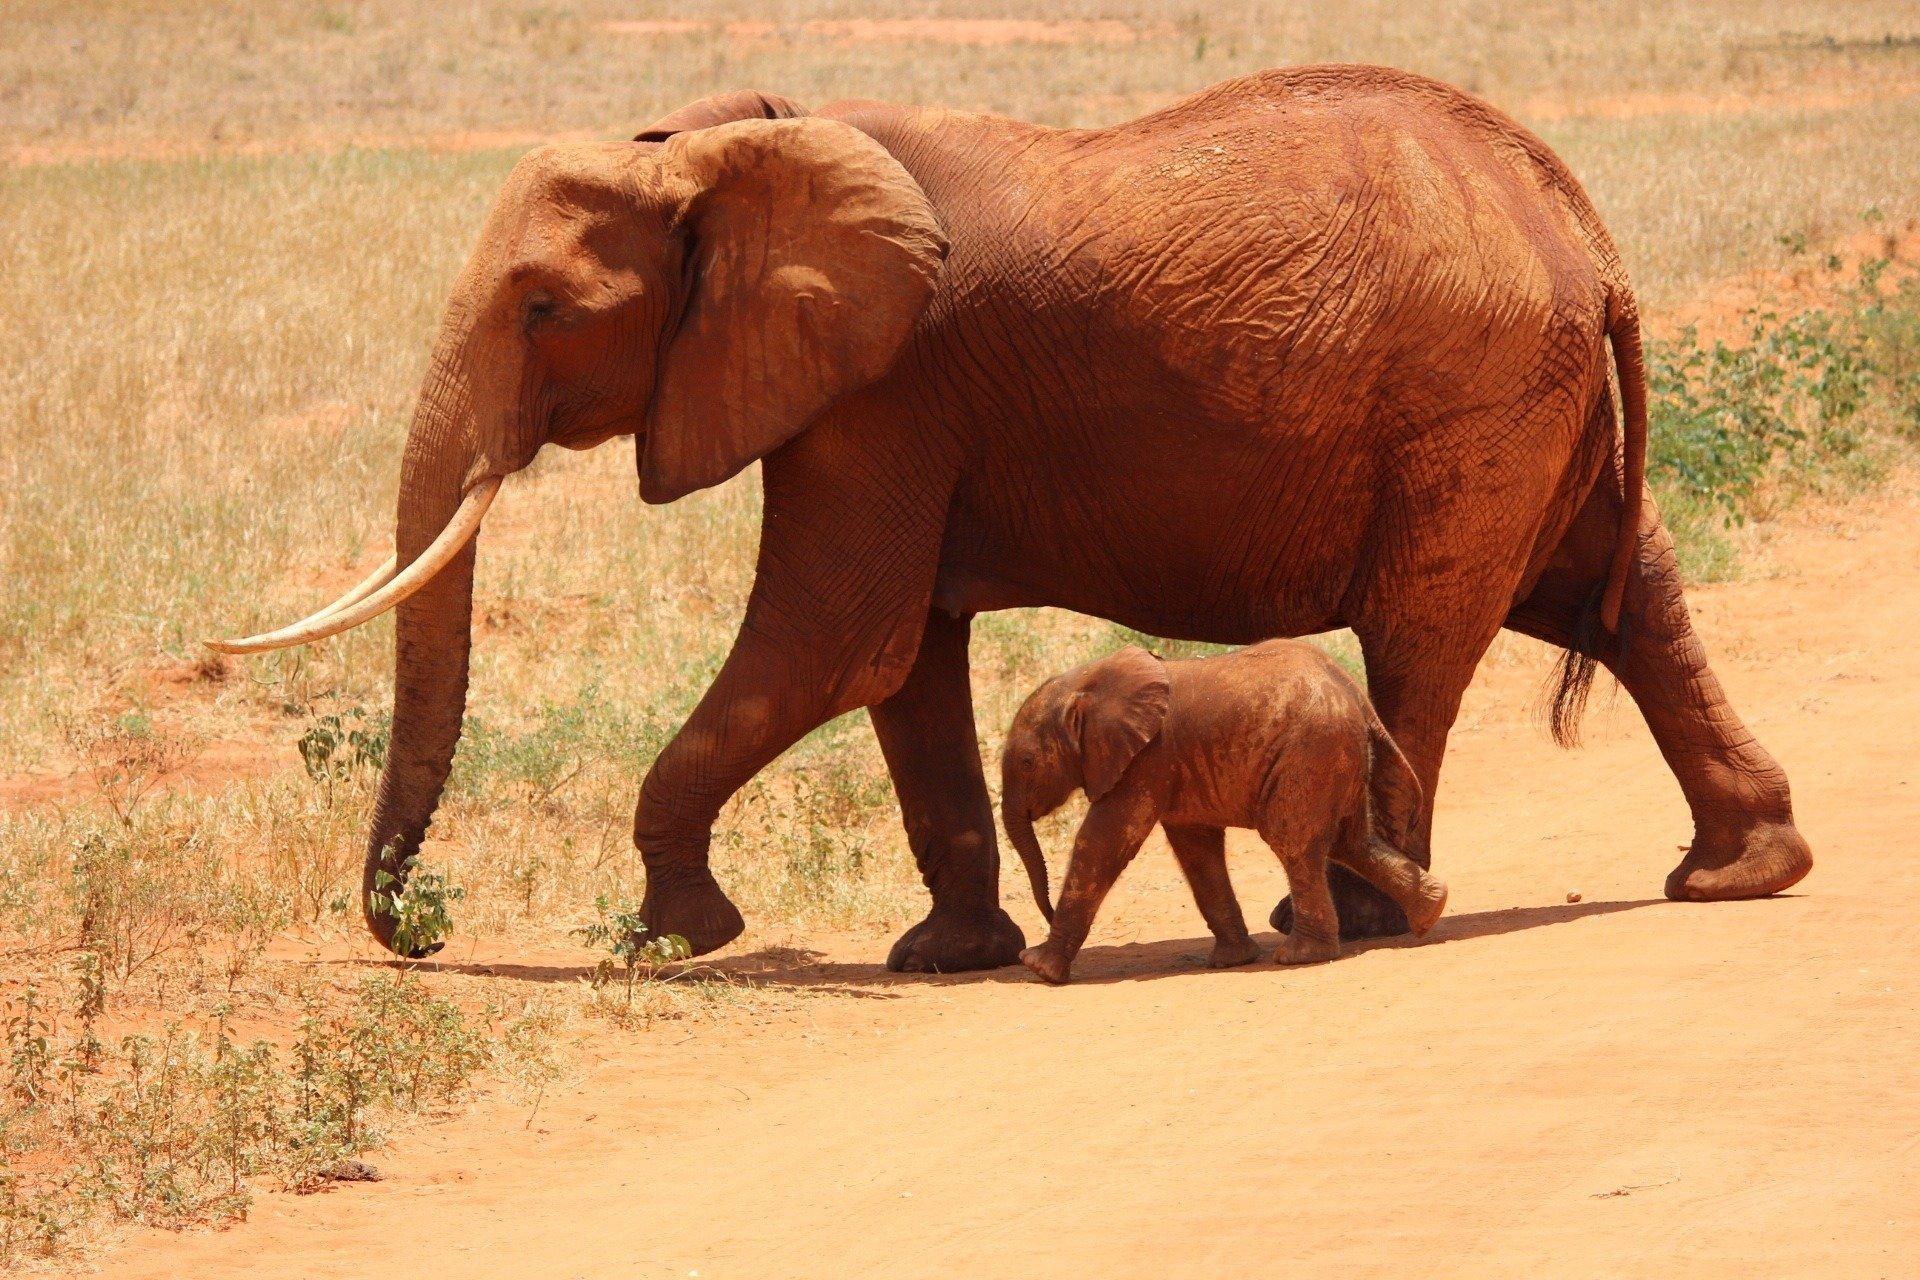 Elefante y cría. Fuente: Pixabay